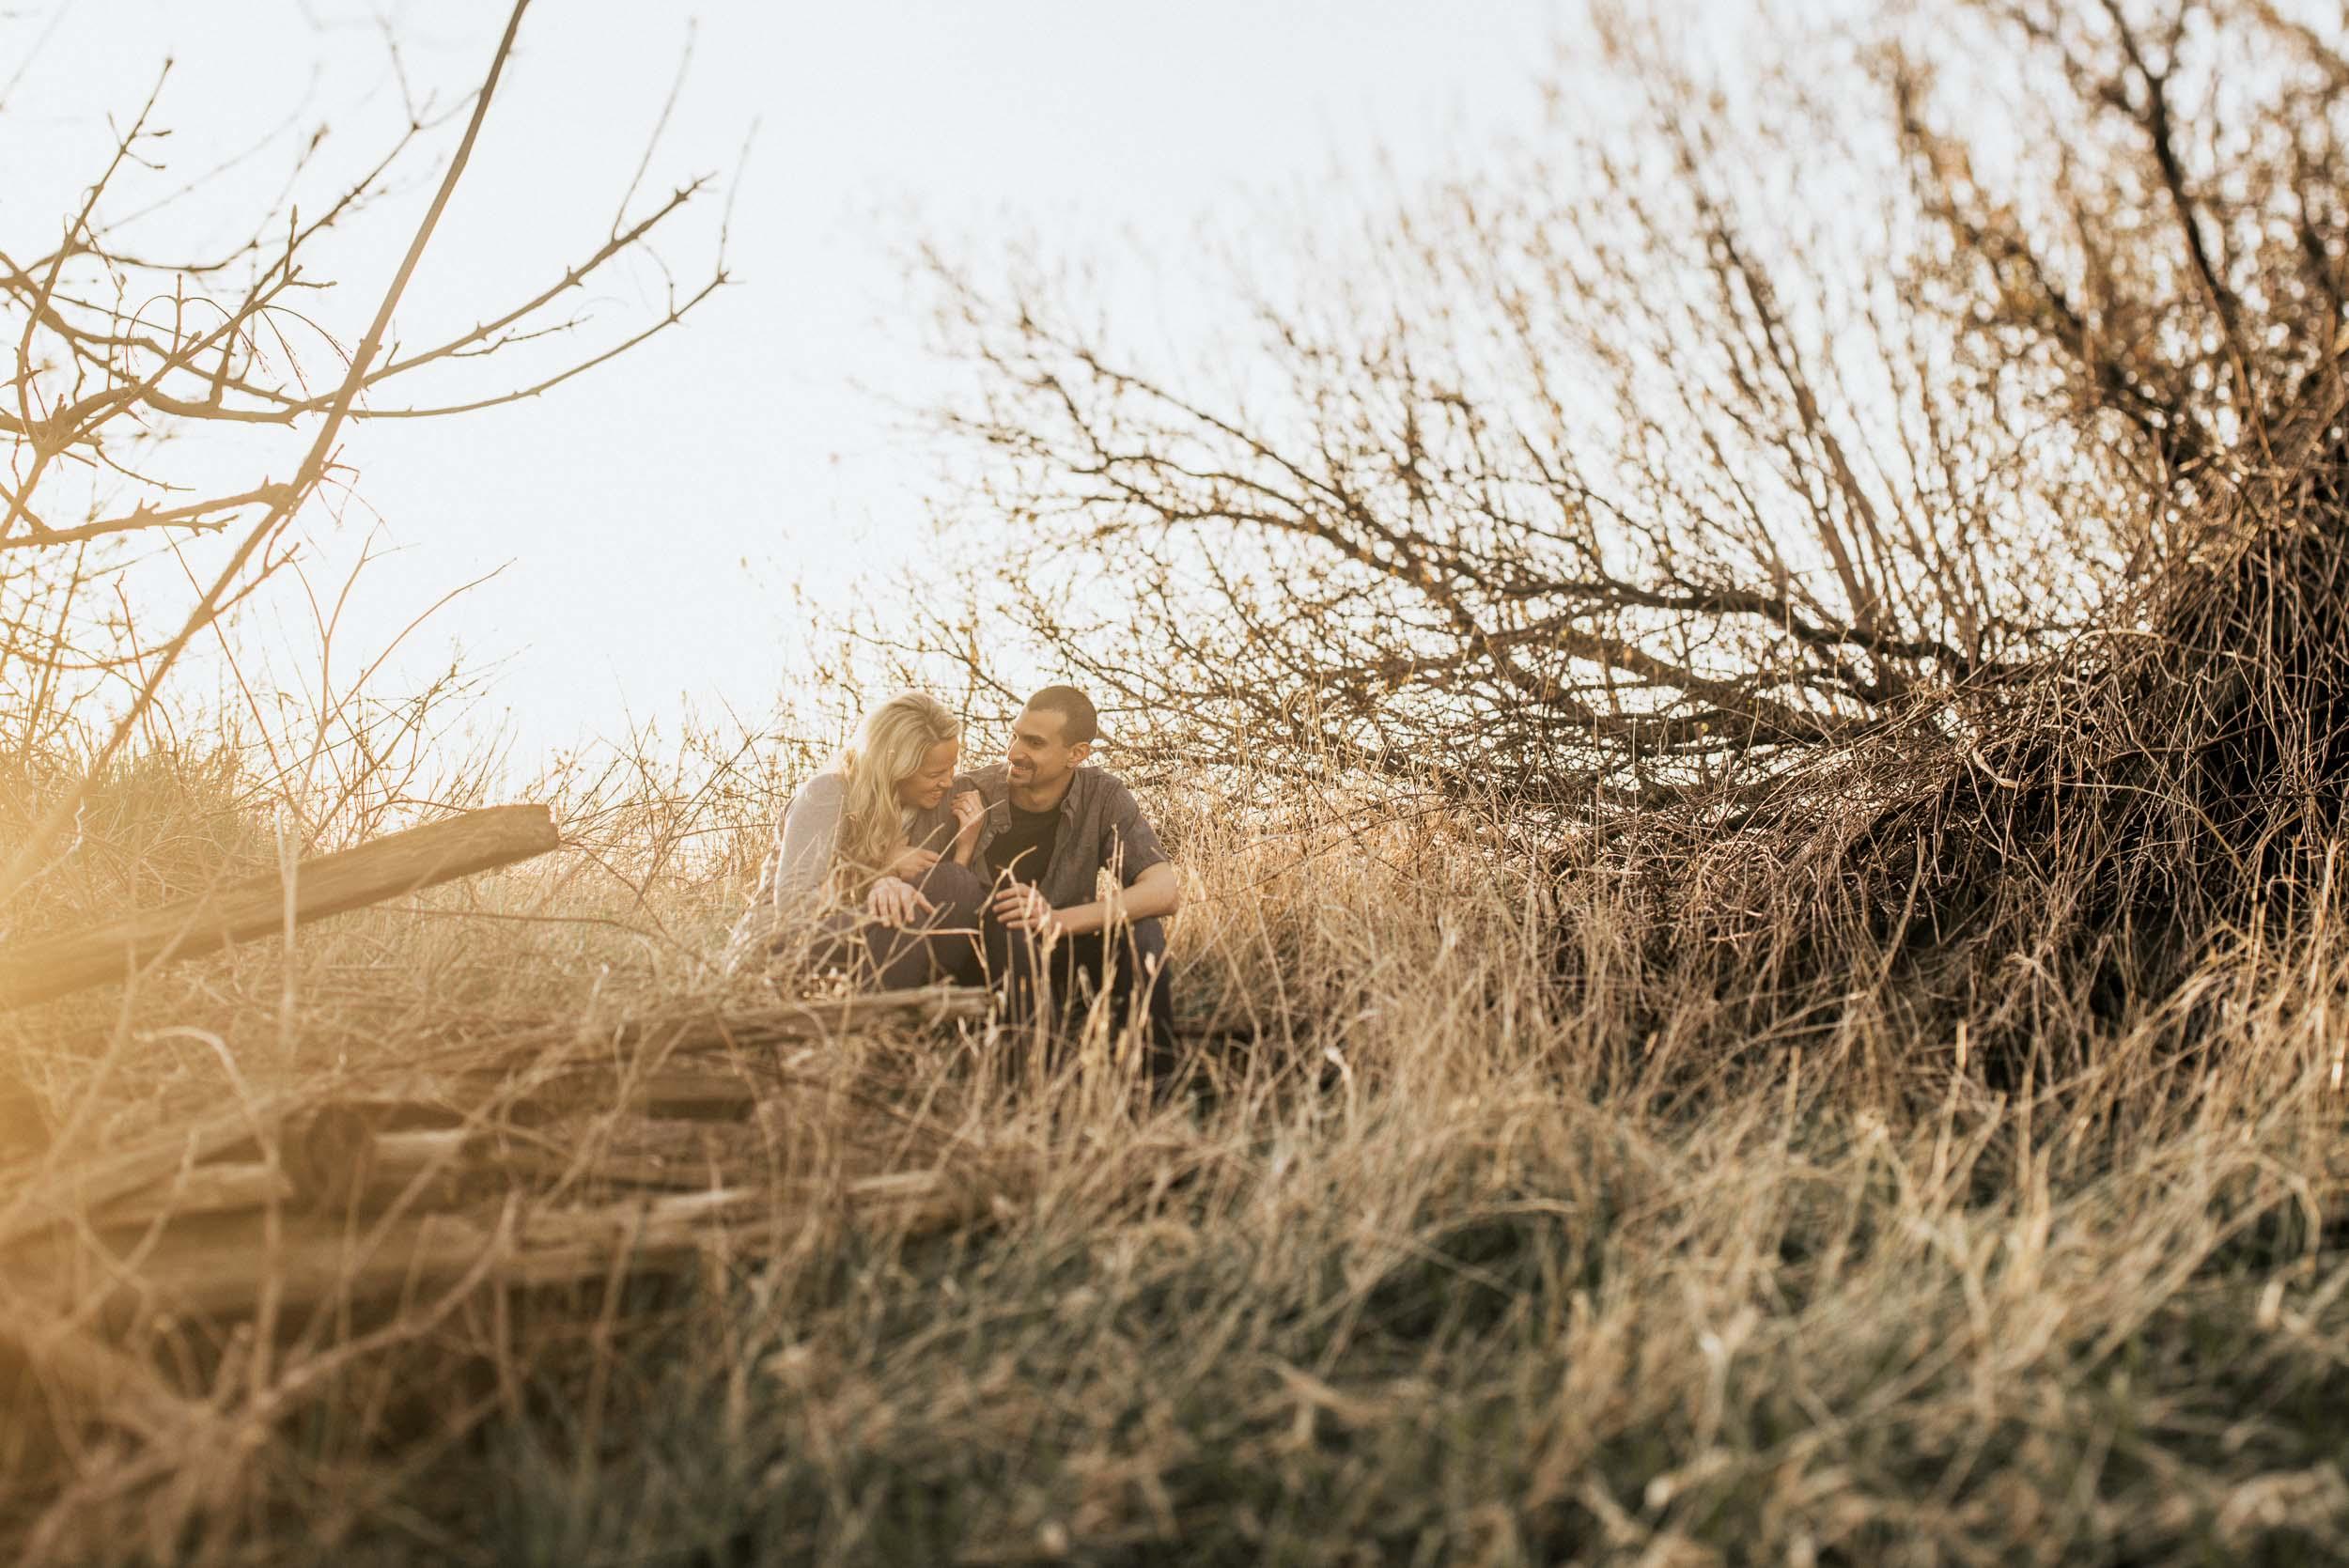 wedding-photography-stratford-davidiam-012.jpg